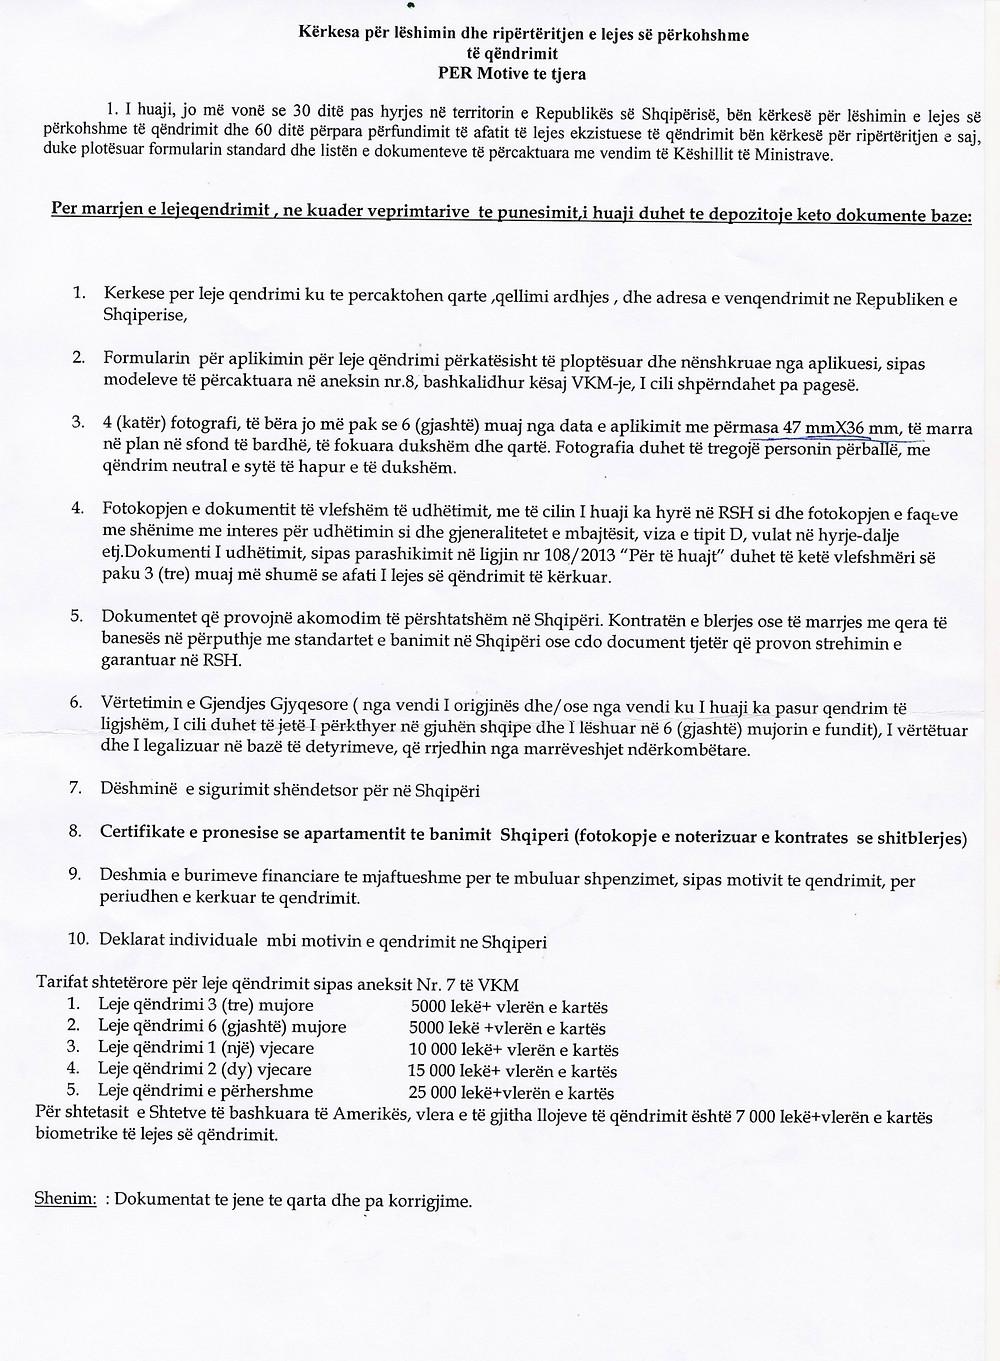 Список документов на получение ВНЖ (Албания)